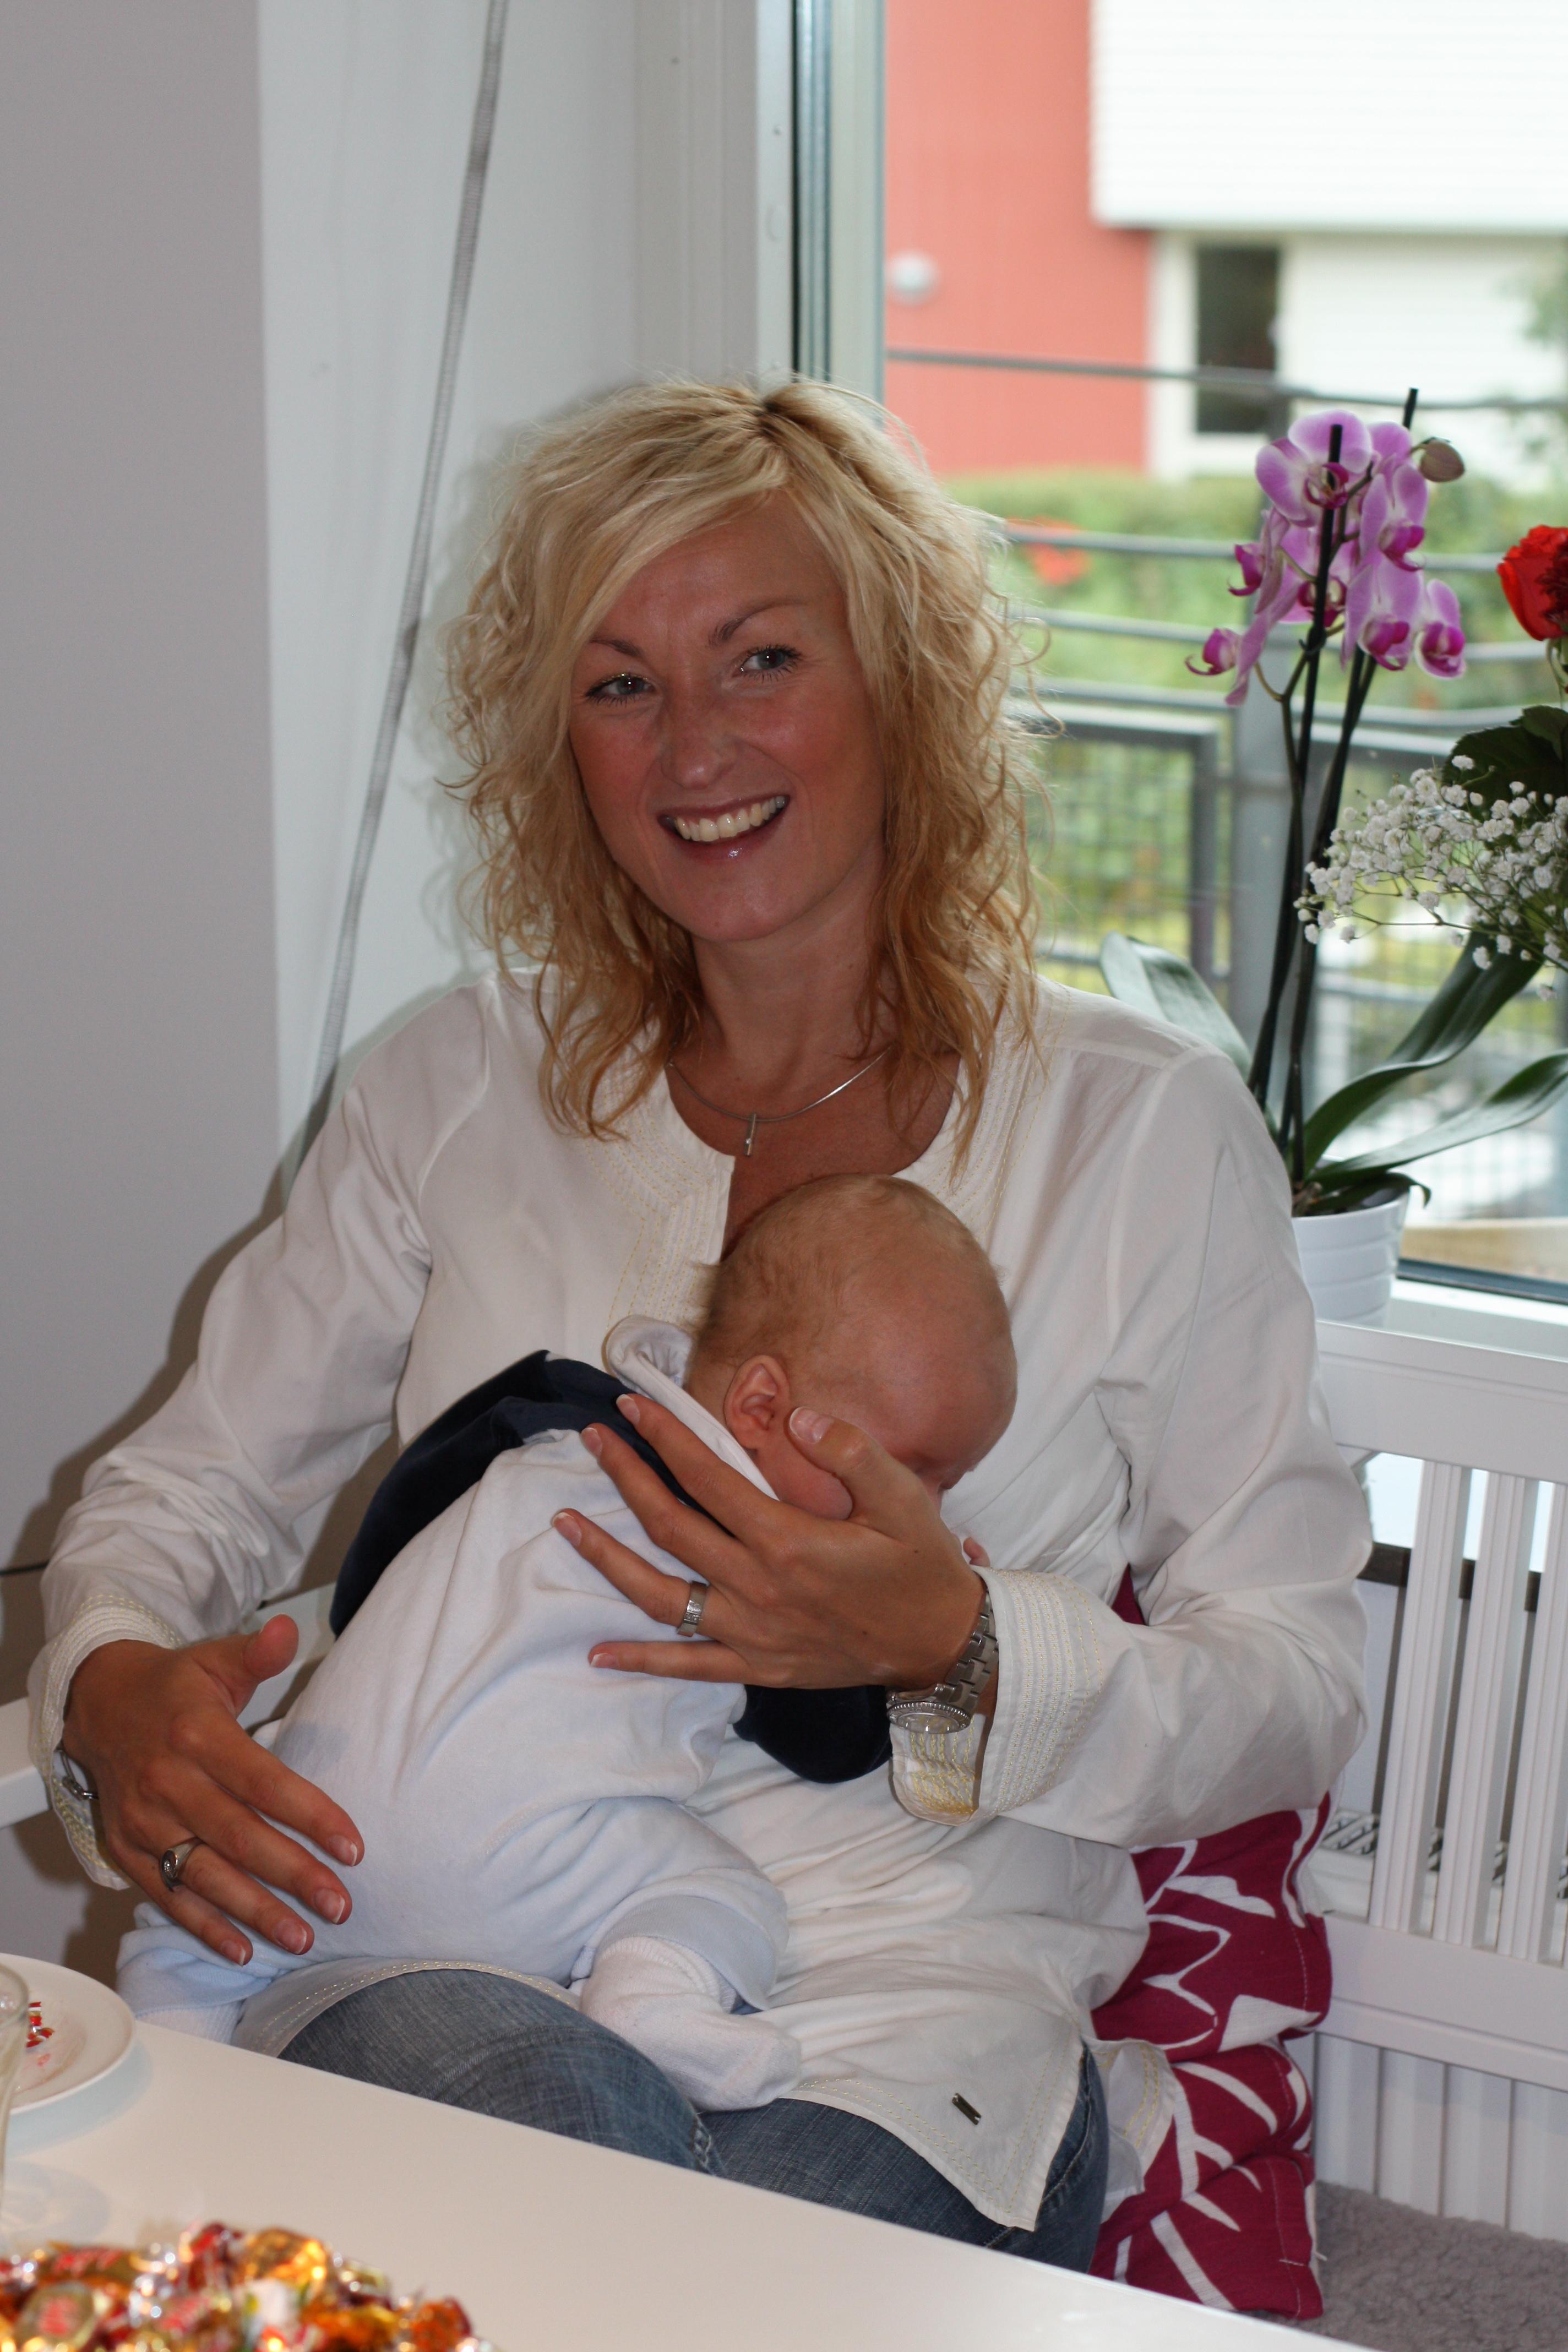 Elin; min frisör, träningskompis och nära vän med Sixtens lekkamrat Hugo, 2,5 vecka äldre än Sigge